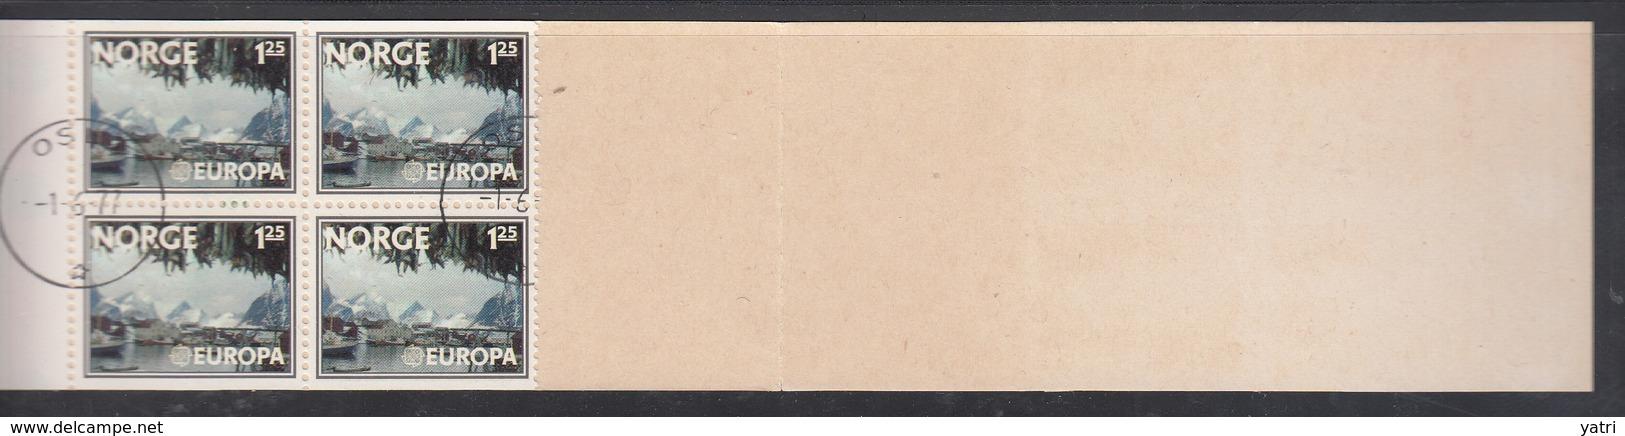 Norvegia - 1977 EUROPA Cept Kr 1,25 (o) - 1977